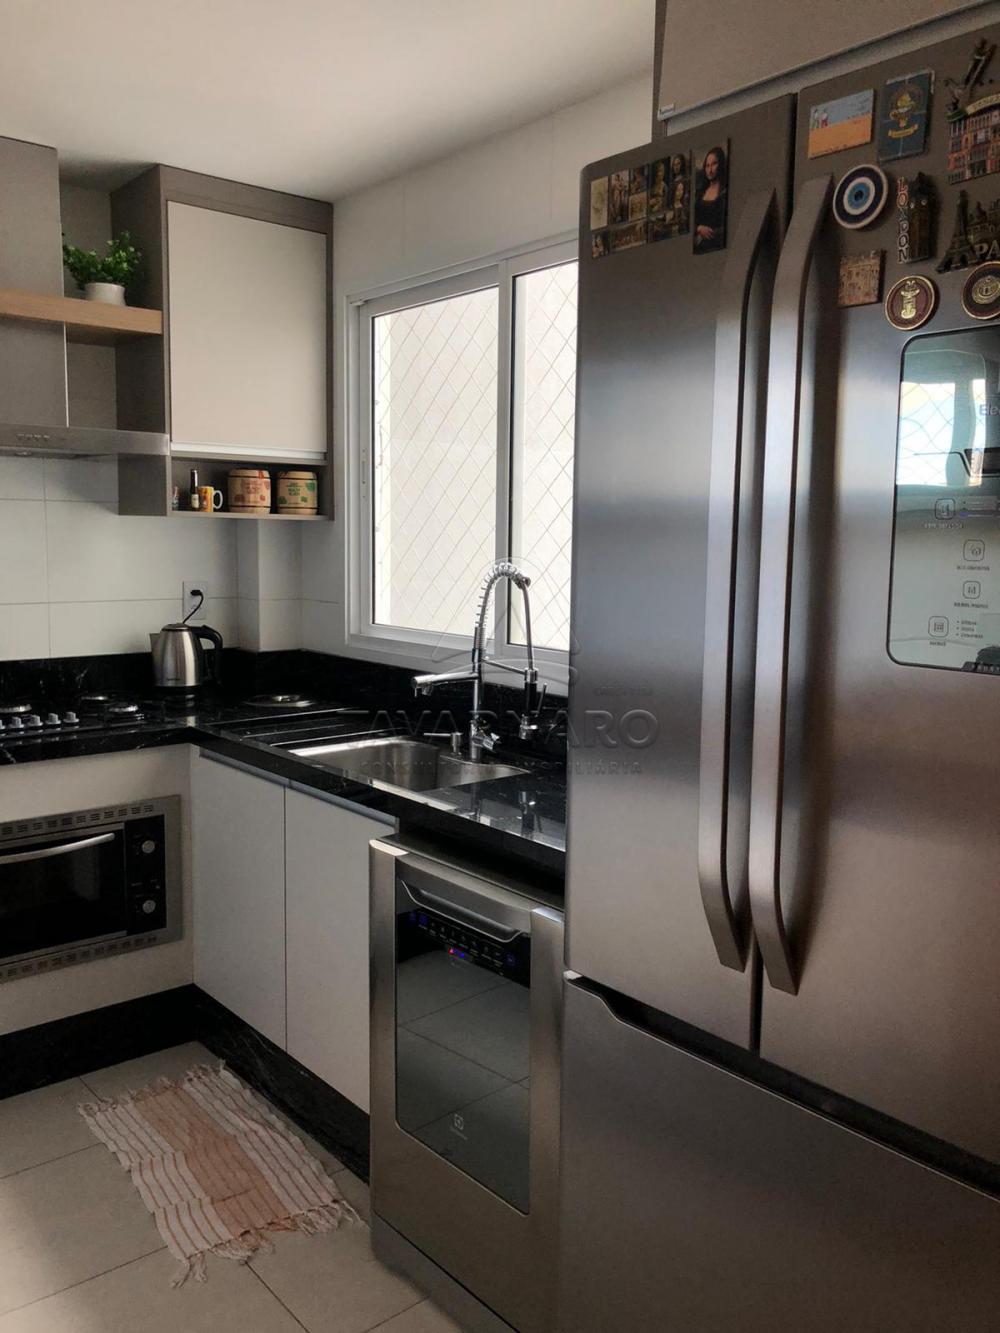 Comprar Apartamento / Padrão em Ponta Grossa R$ 610.000,00 - Foto 11